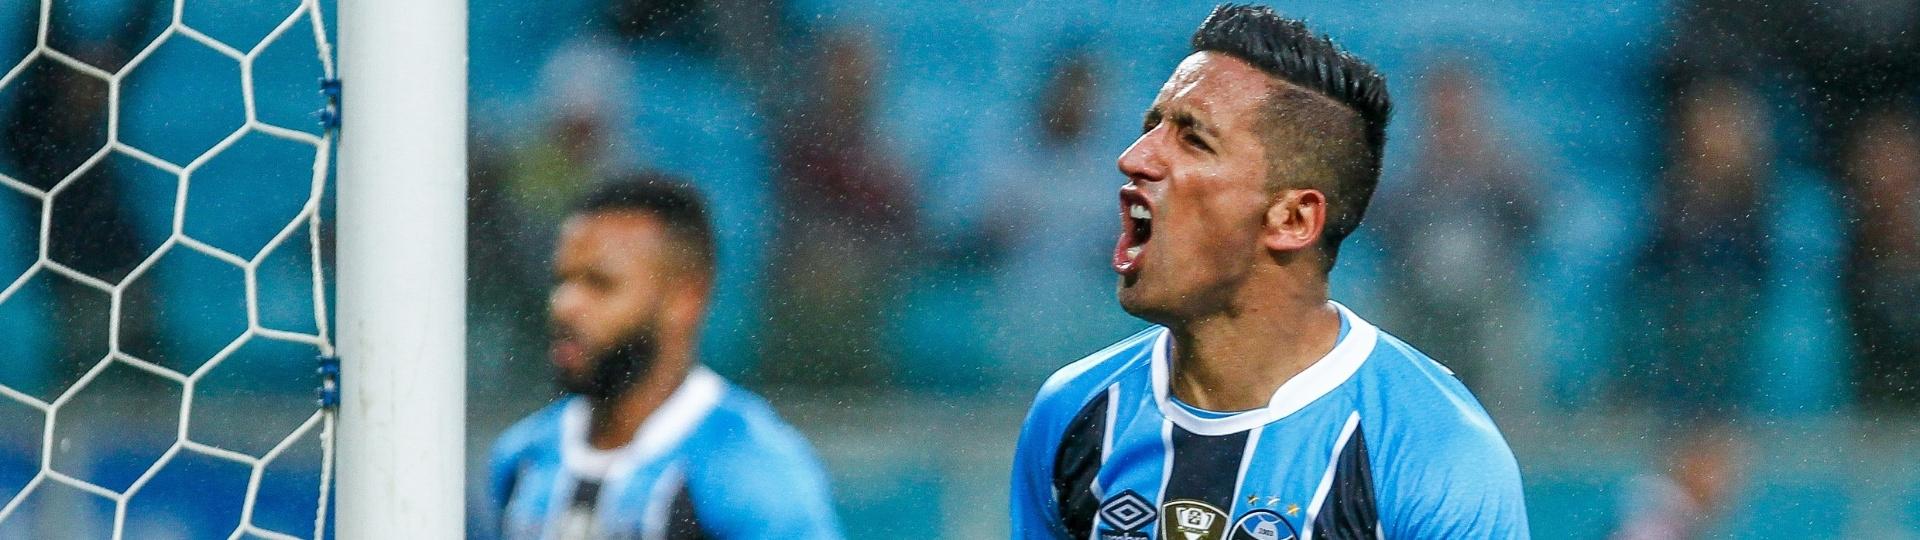 Lucas Barrios comemora gol do Grêmio contra a Ponte Preta